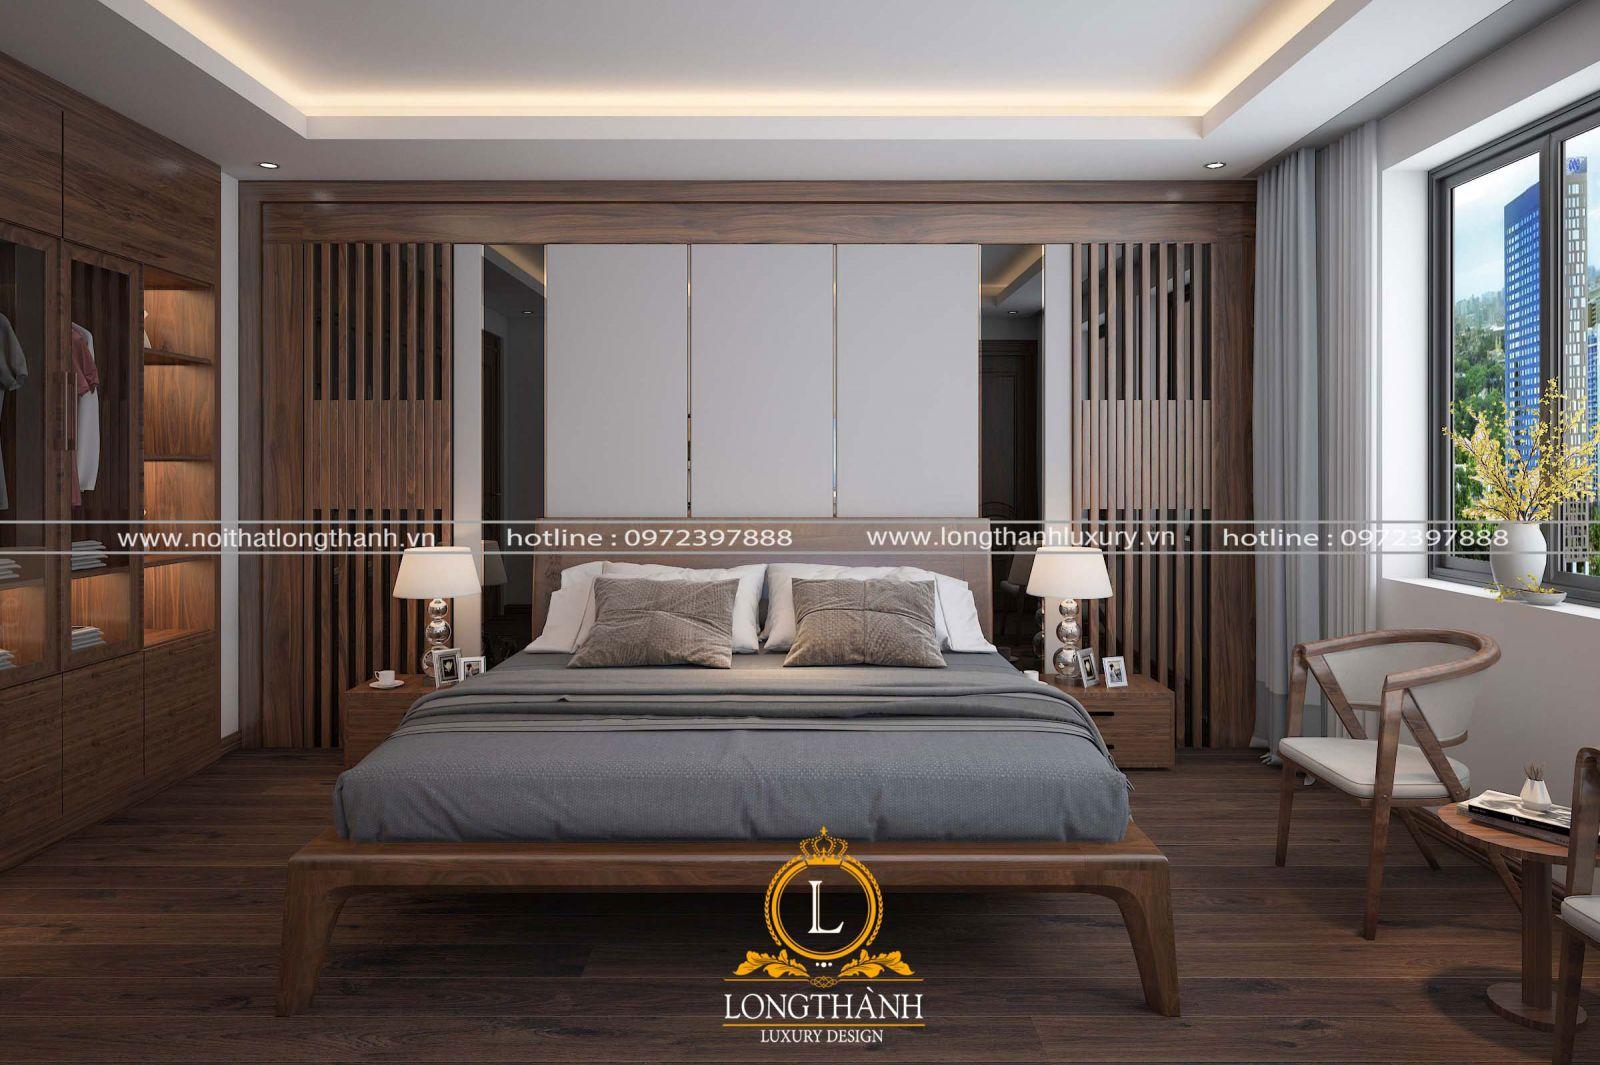 Căn phòng ngủ hiện đại rộng 25m2